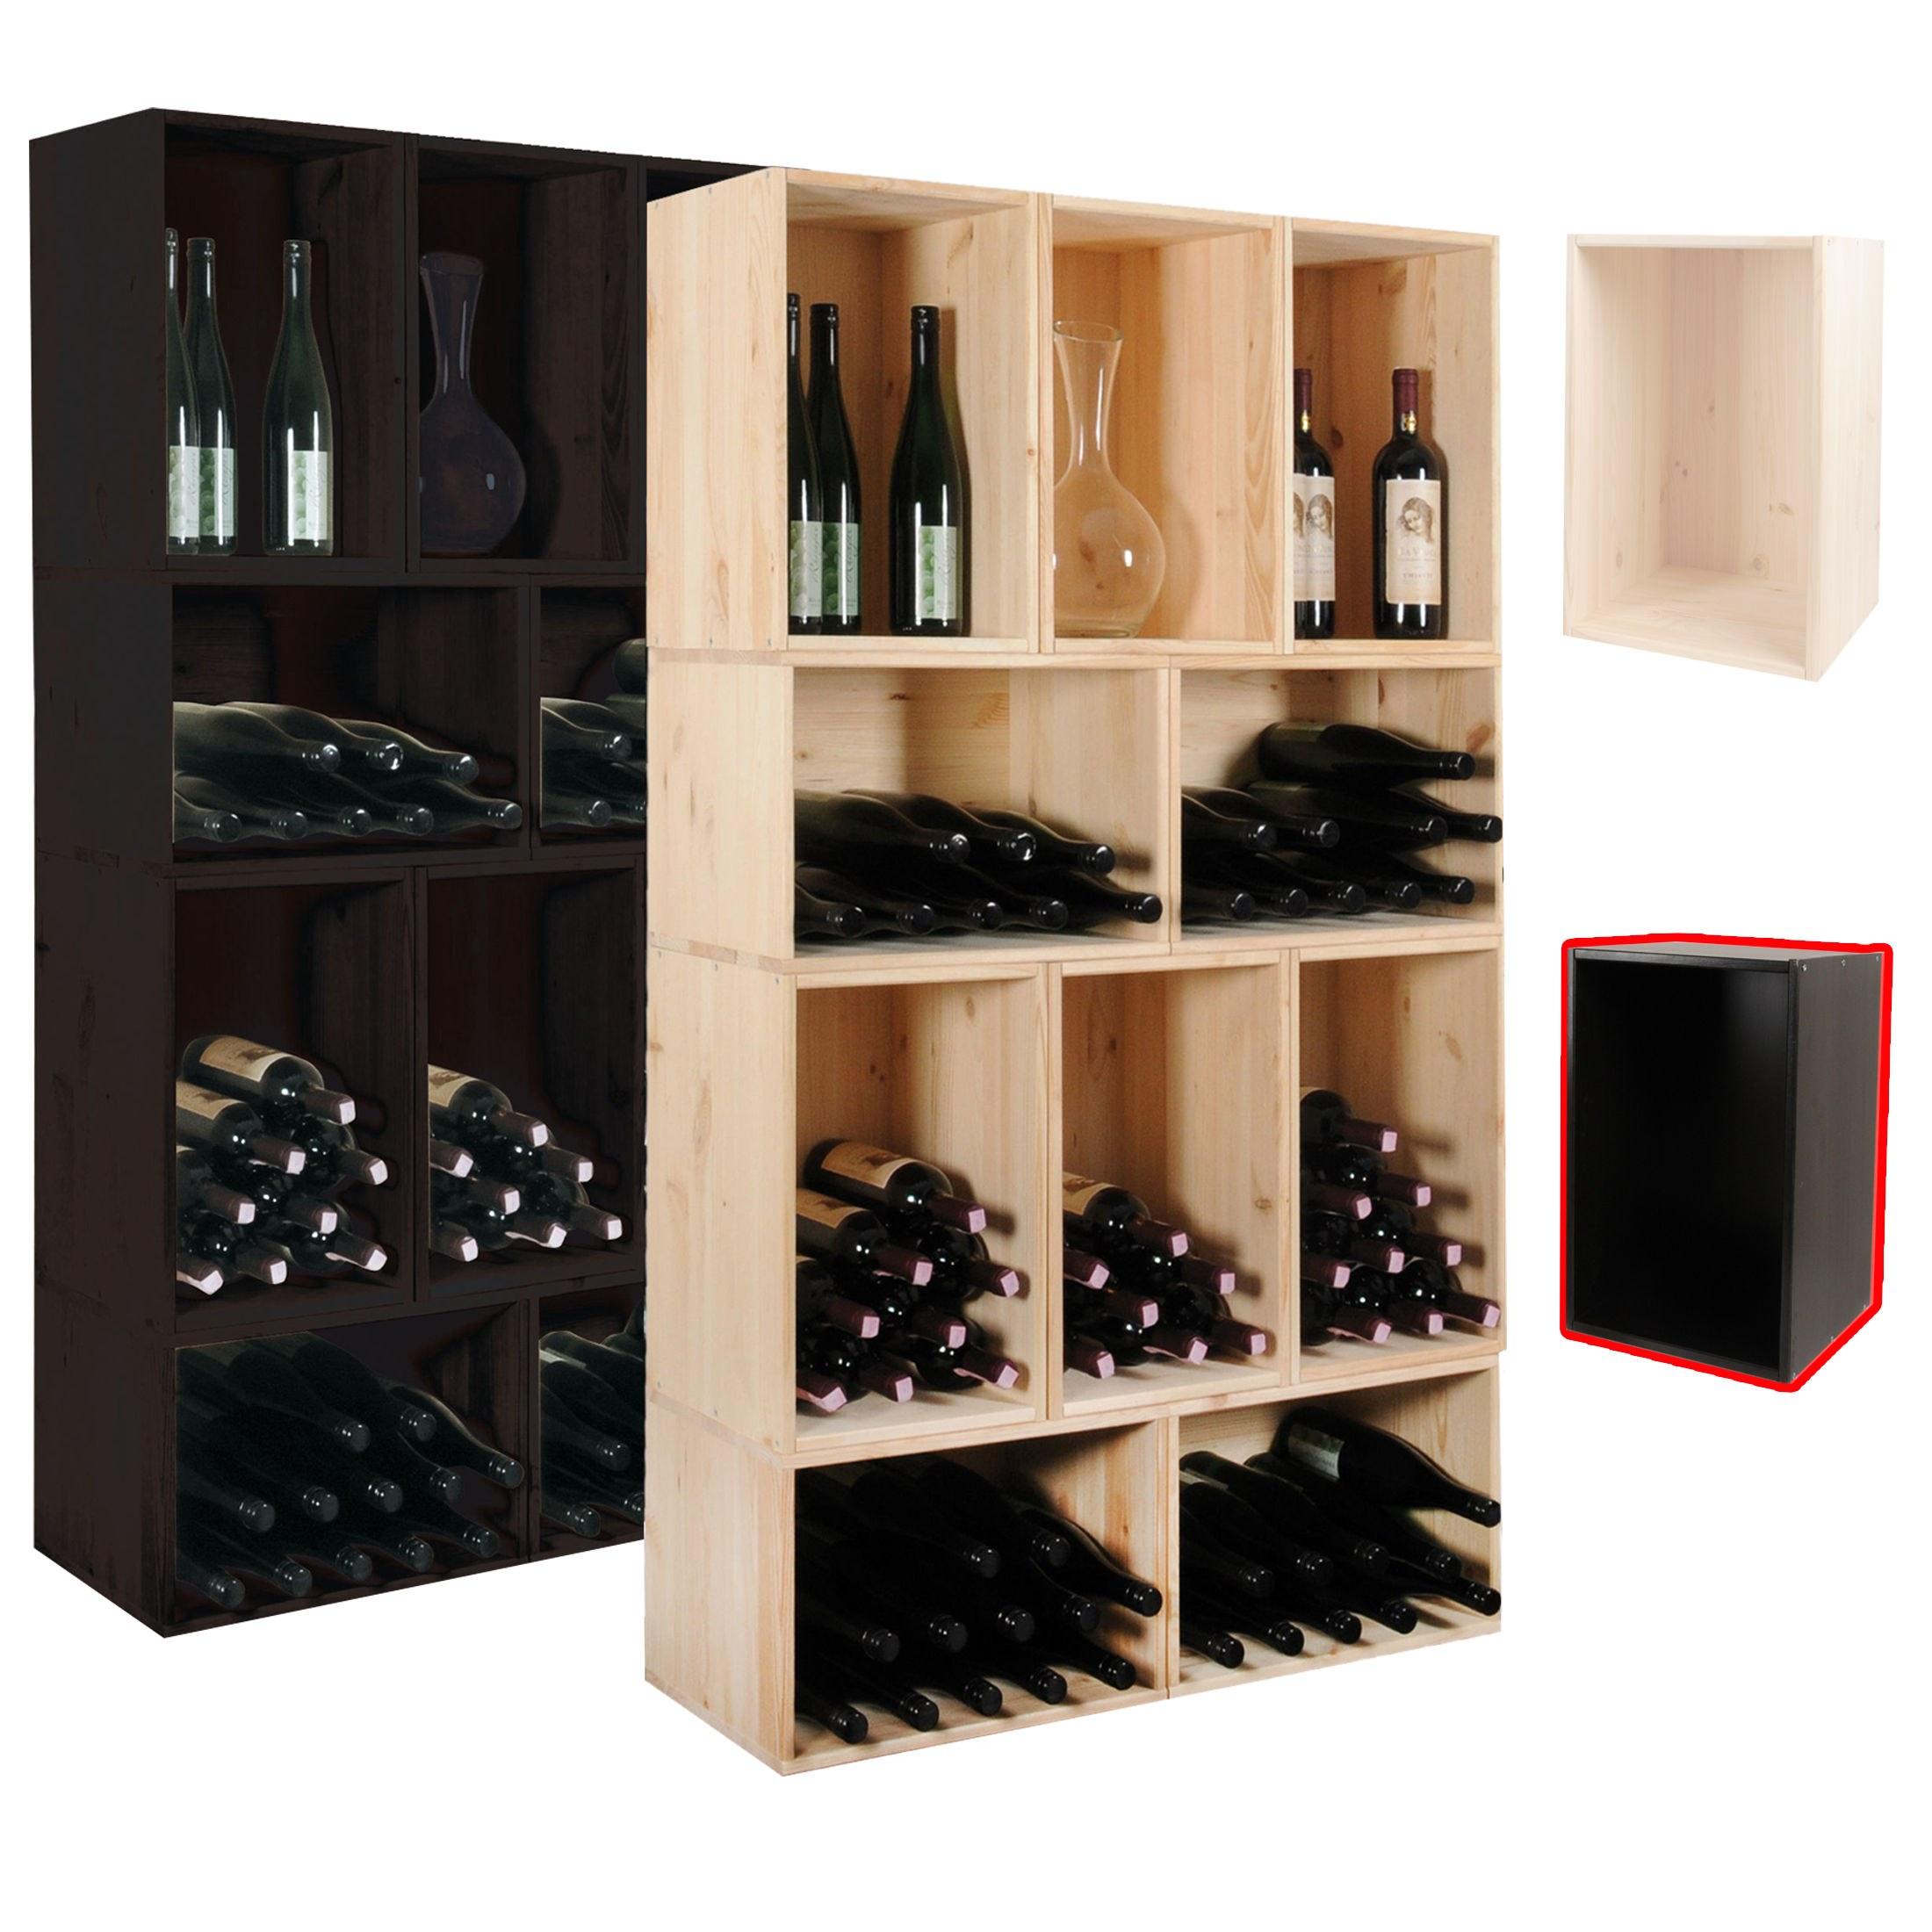 tag re vin caisse pour le rangement du vin ebay. Black Bedroom Furniture Sets. Home Design Ideas